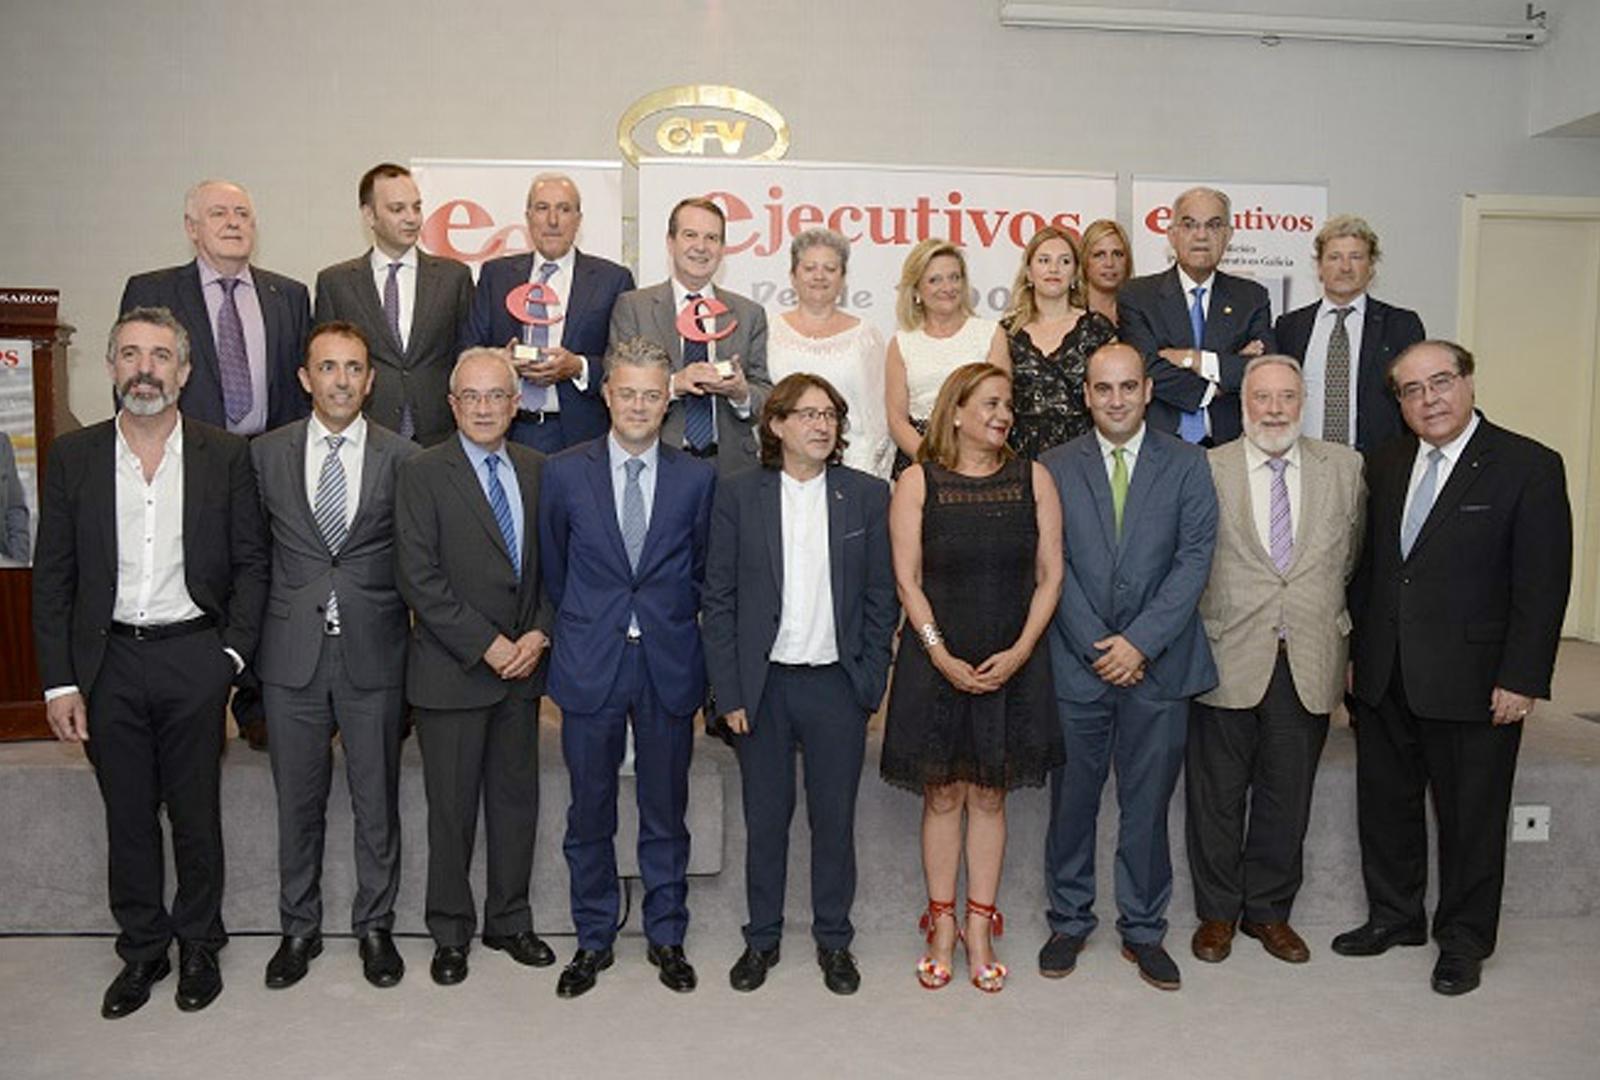 Premios Ejecutivos Galicia 2016. D.O. Ribeiro